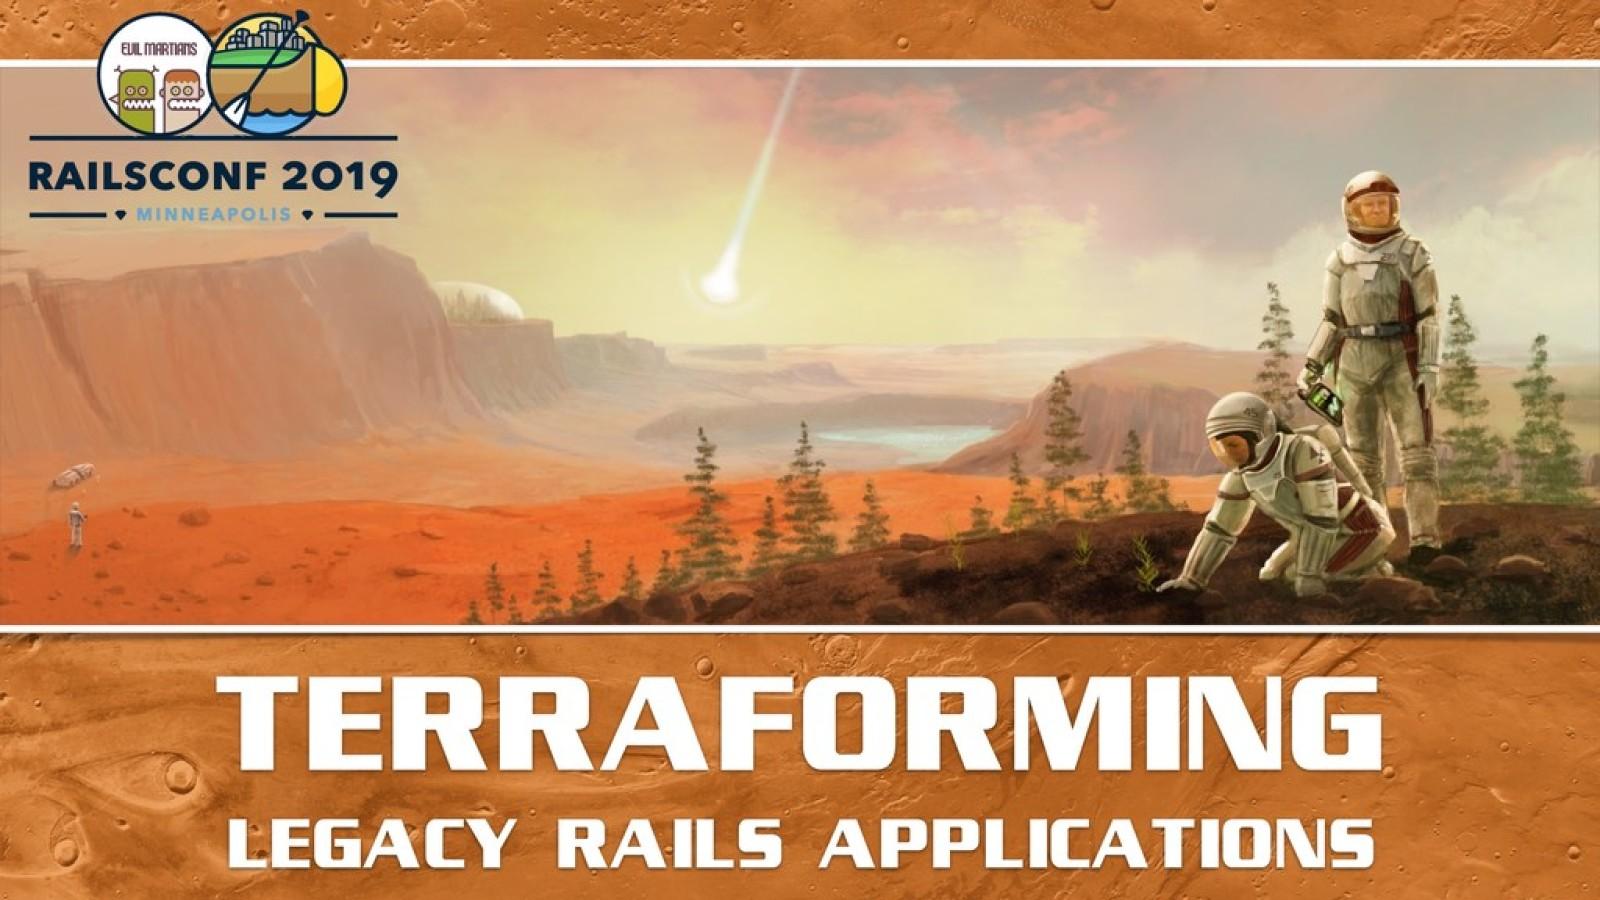 Terraforming legacy Rails applications